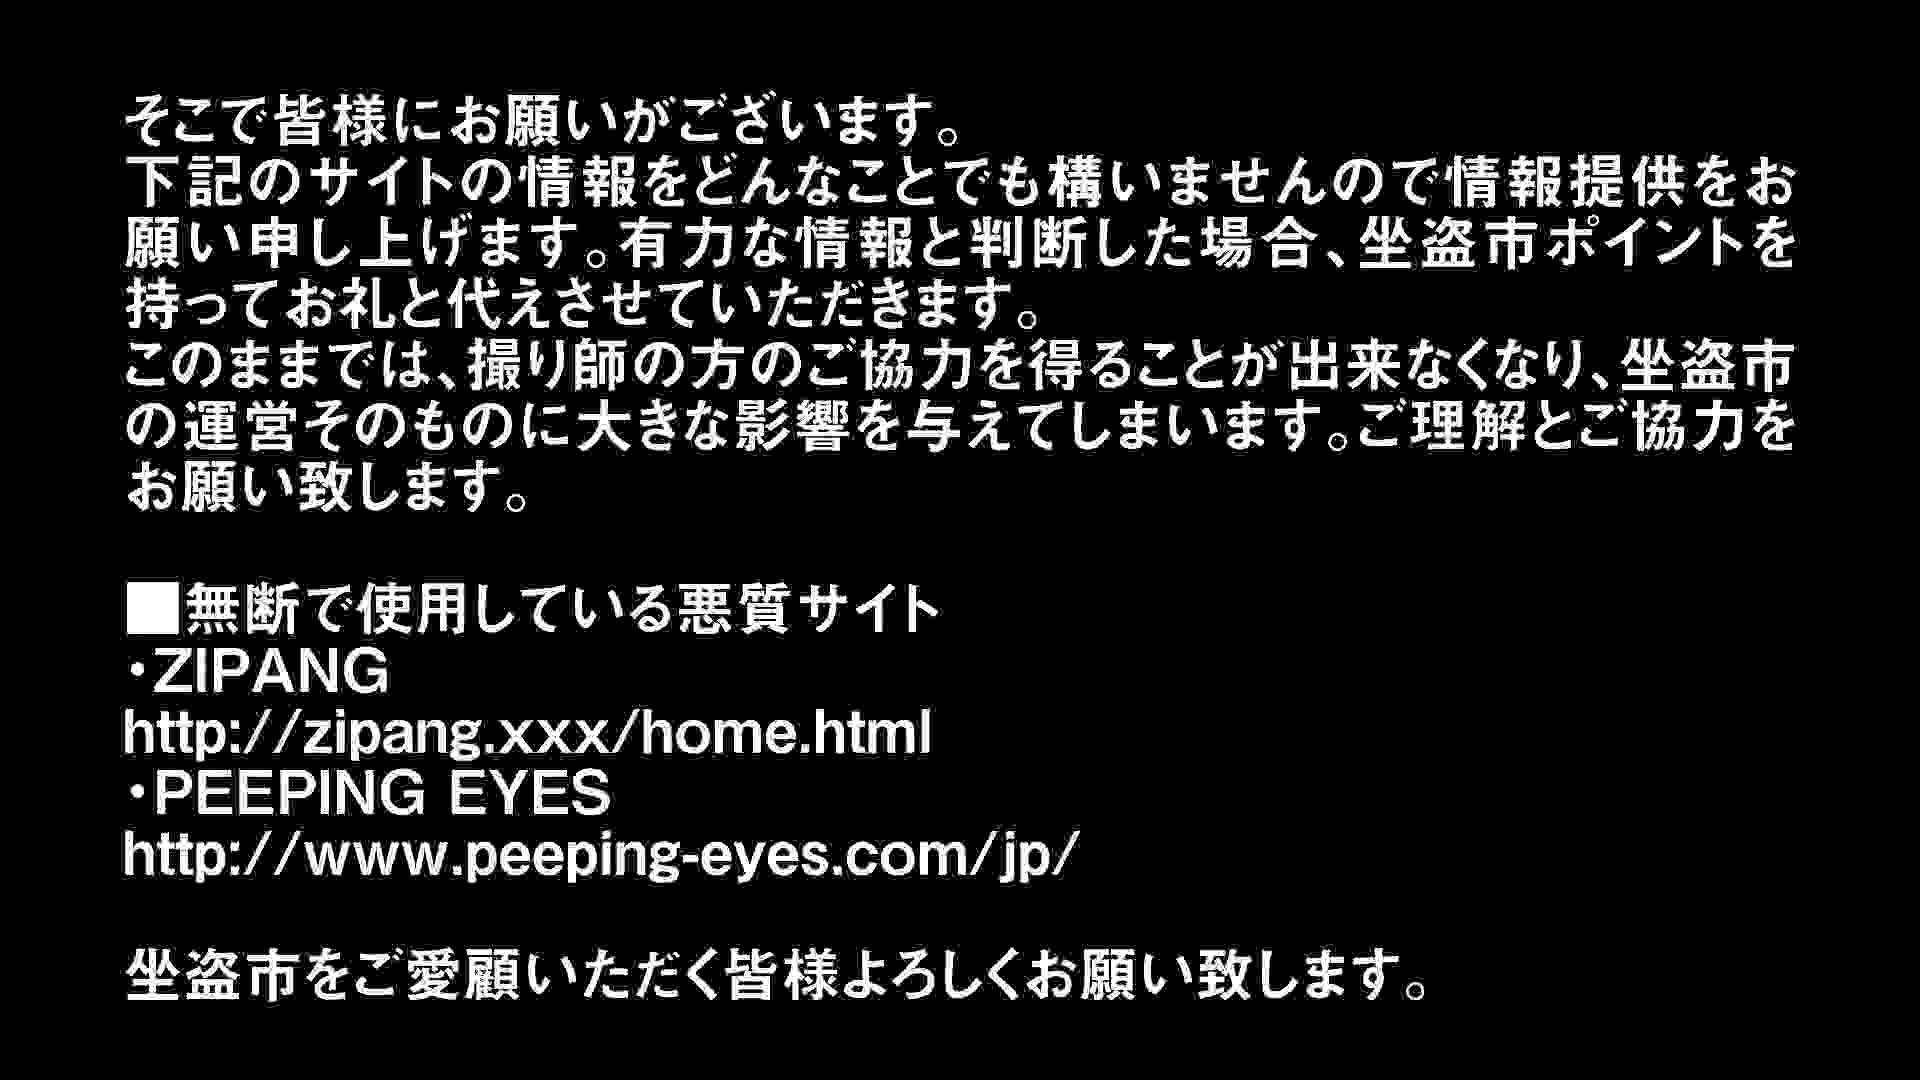 Aquaな露天風呂Vol.297 OLエロ画像 | 盗撮  99PICs 34